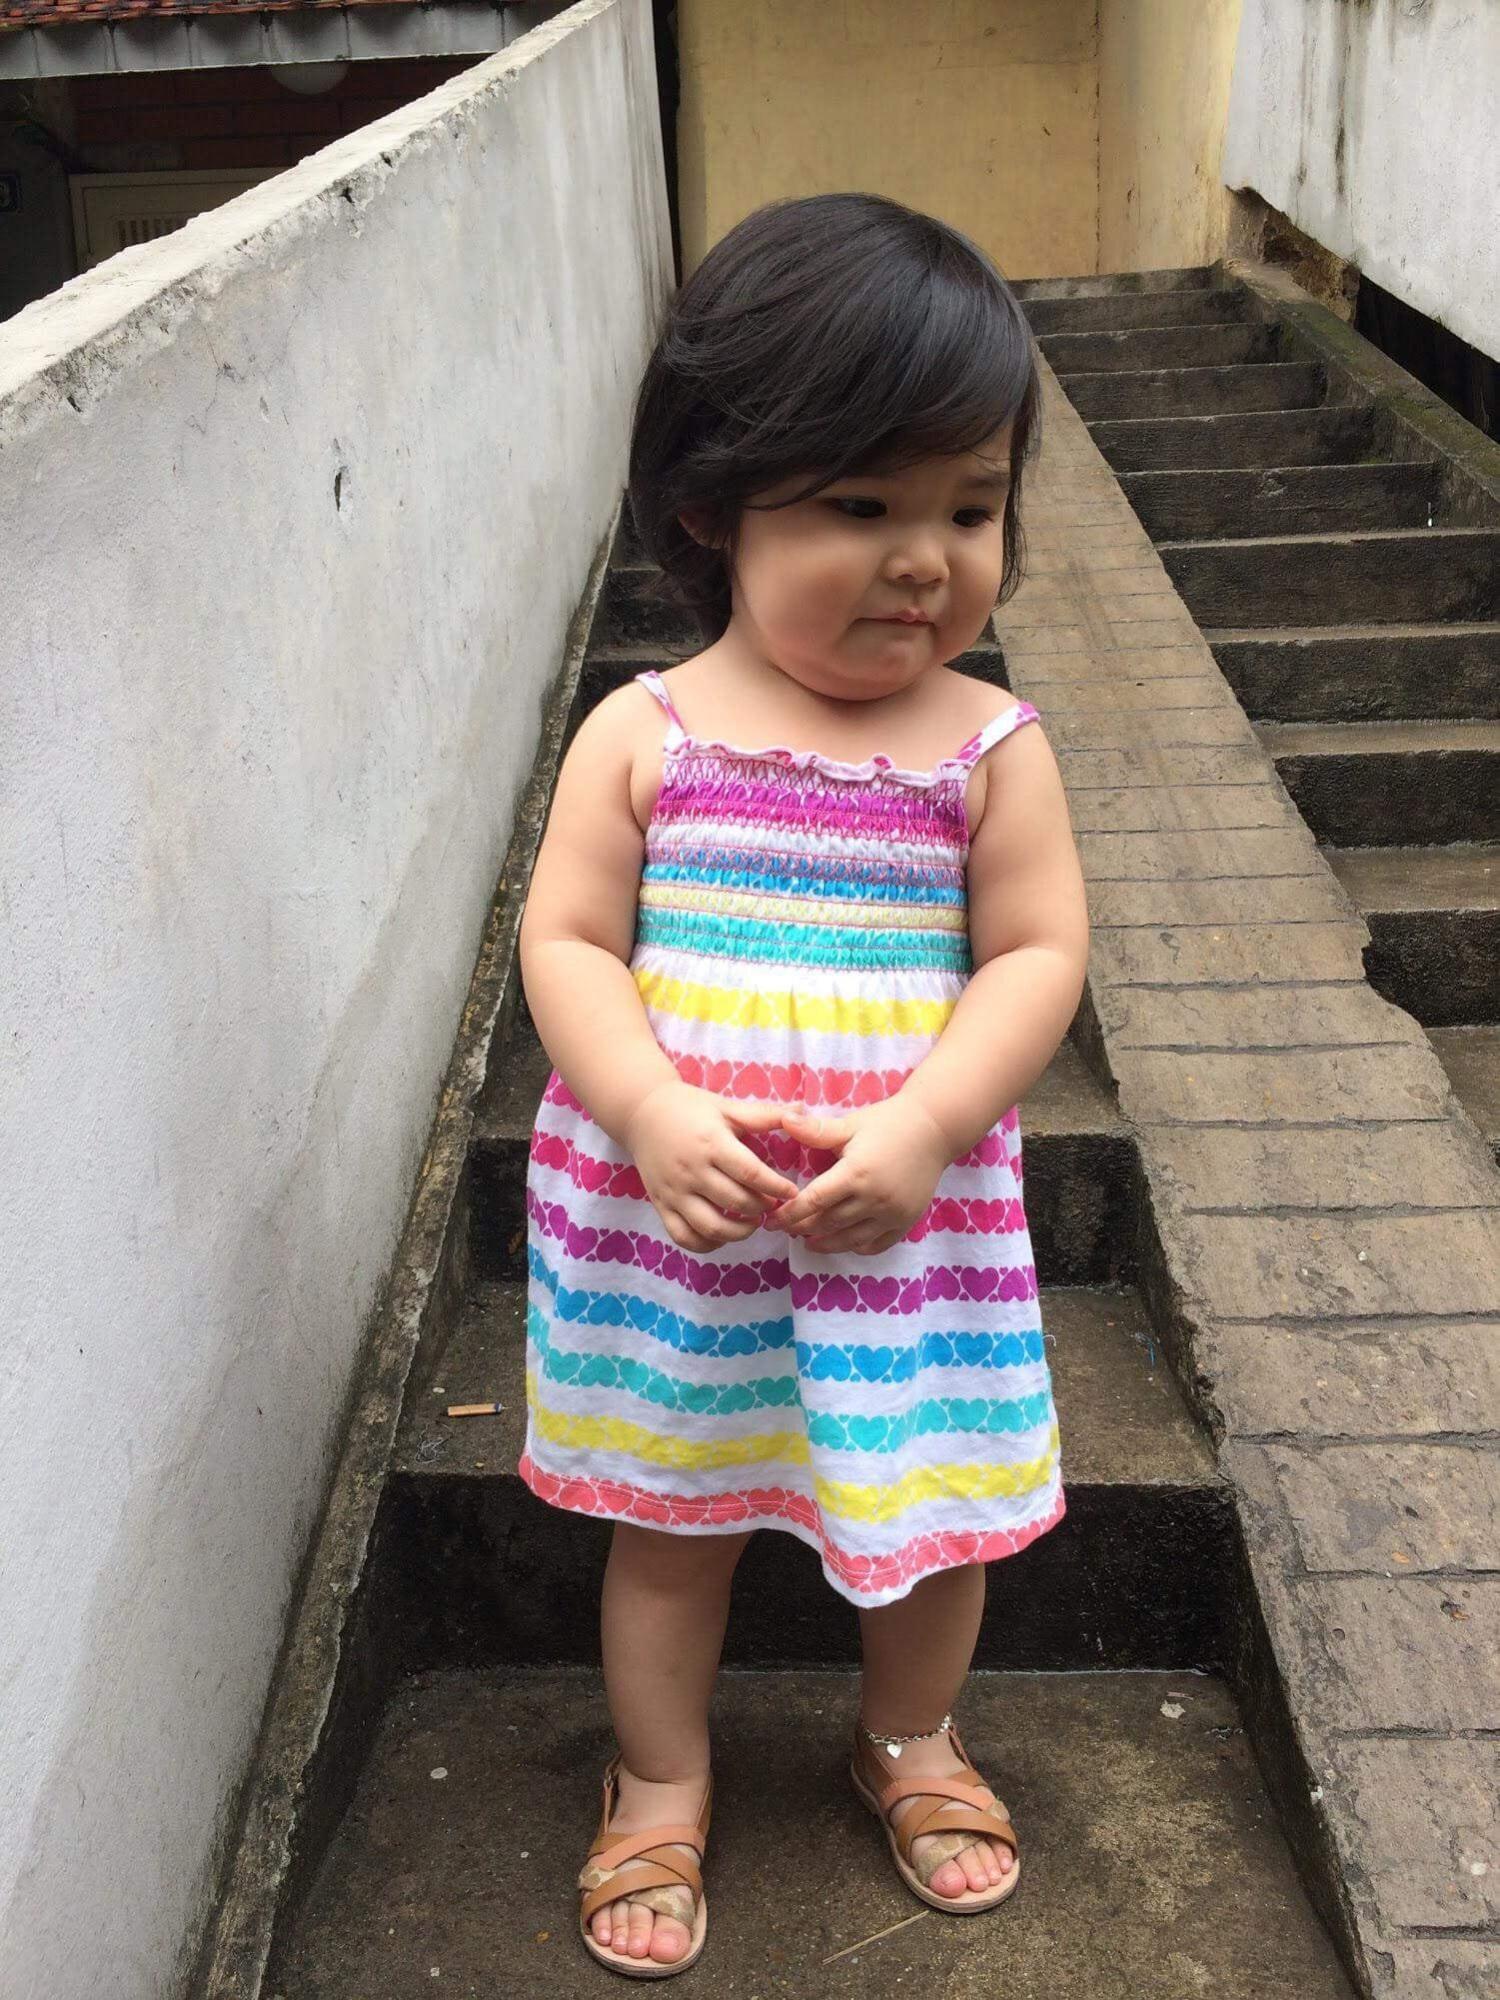 Phiên bản 'thiếu nữ bên hoa huệ' của cô bé 5 tuổi 'gây bão' cộng đồng mạng, hội chị em nhất quyết 'phải sinh con gái' - Ảnh 13